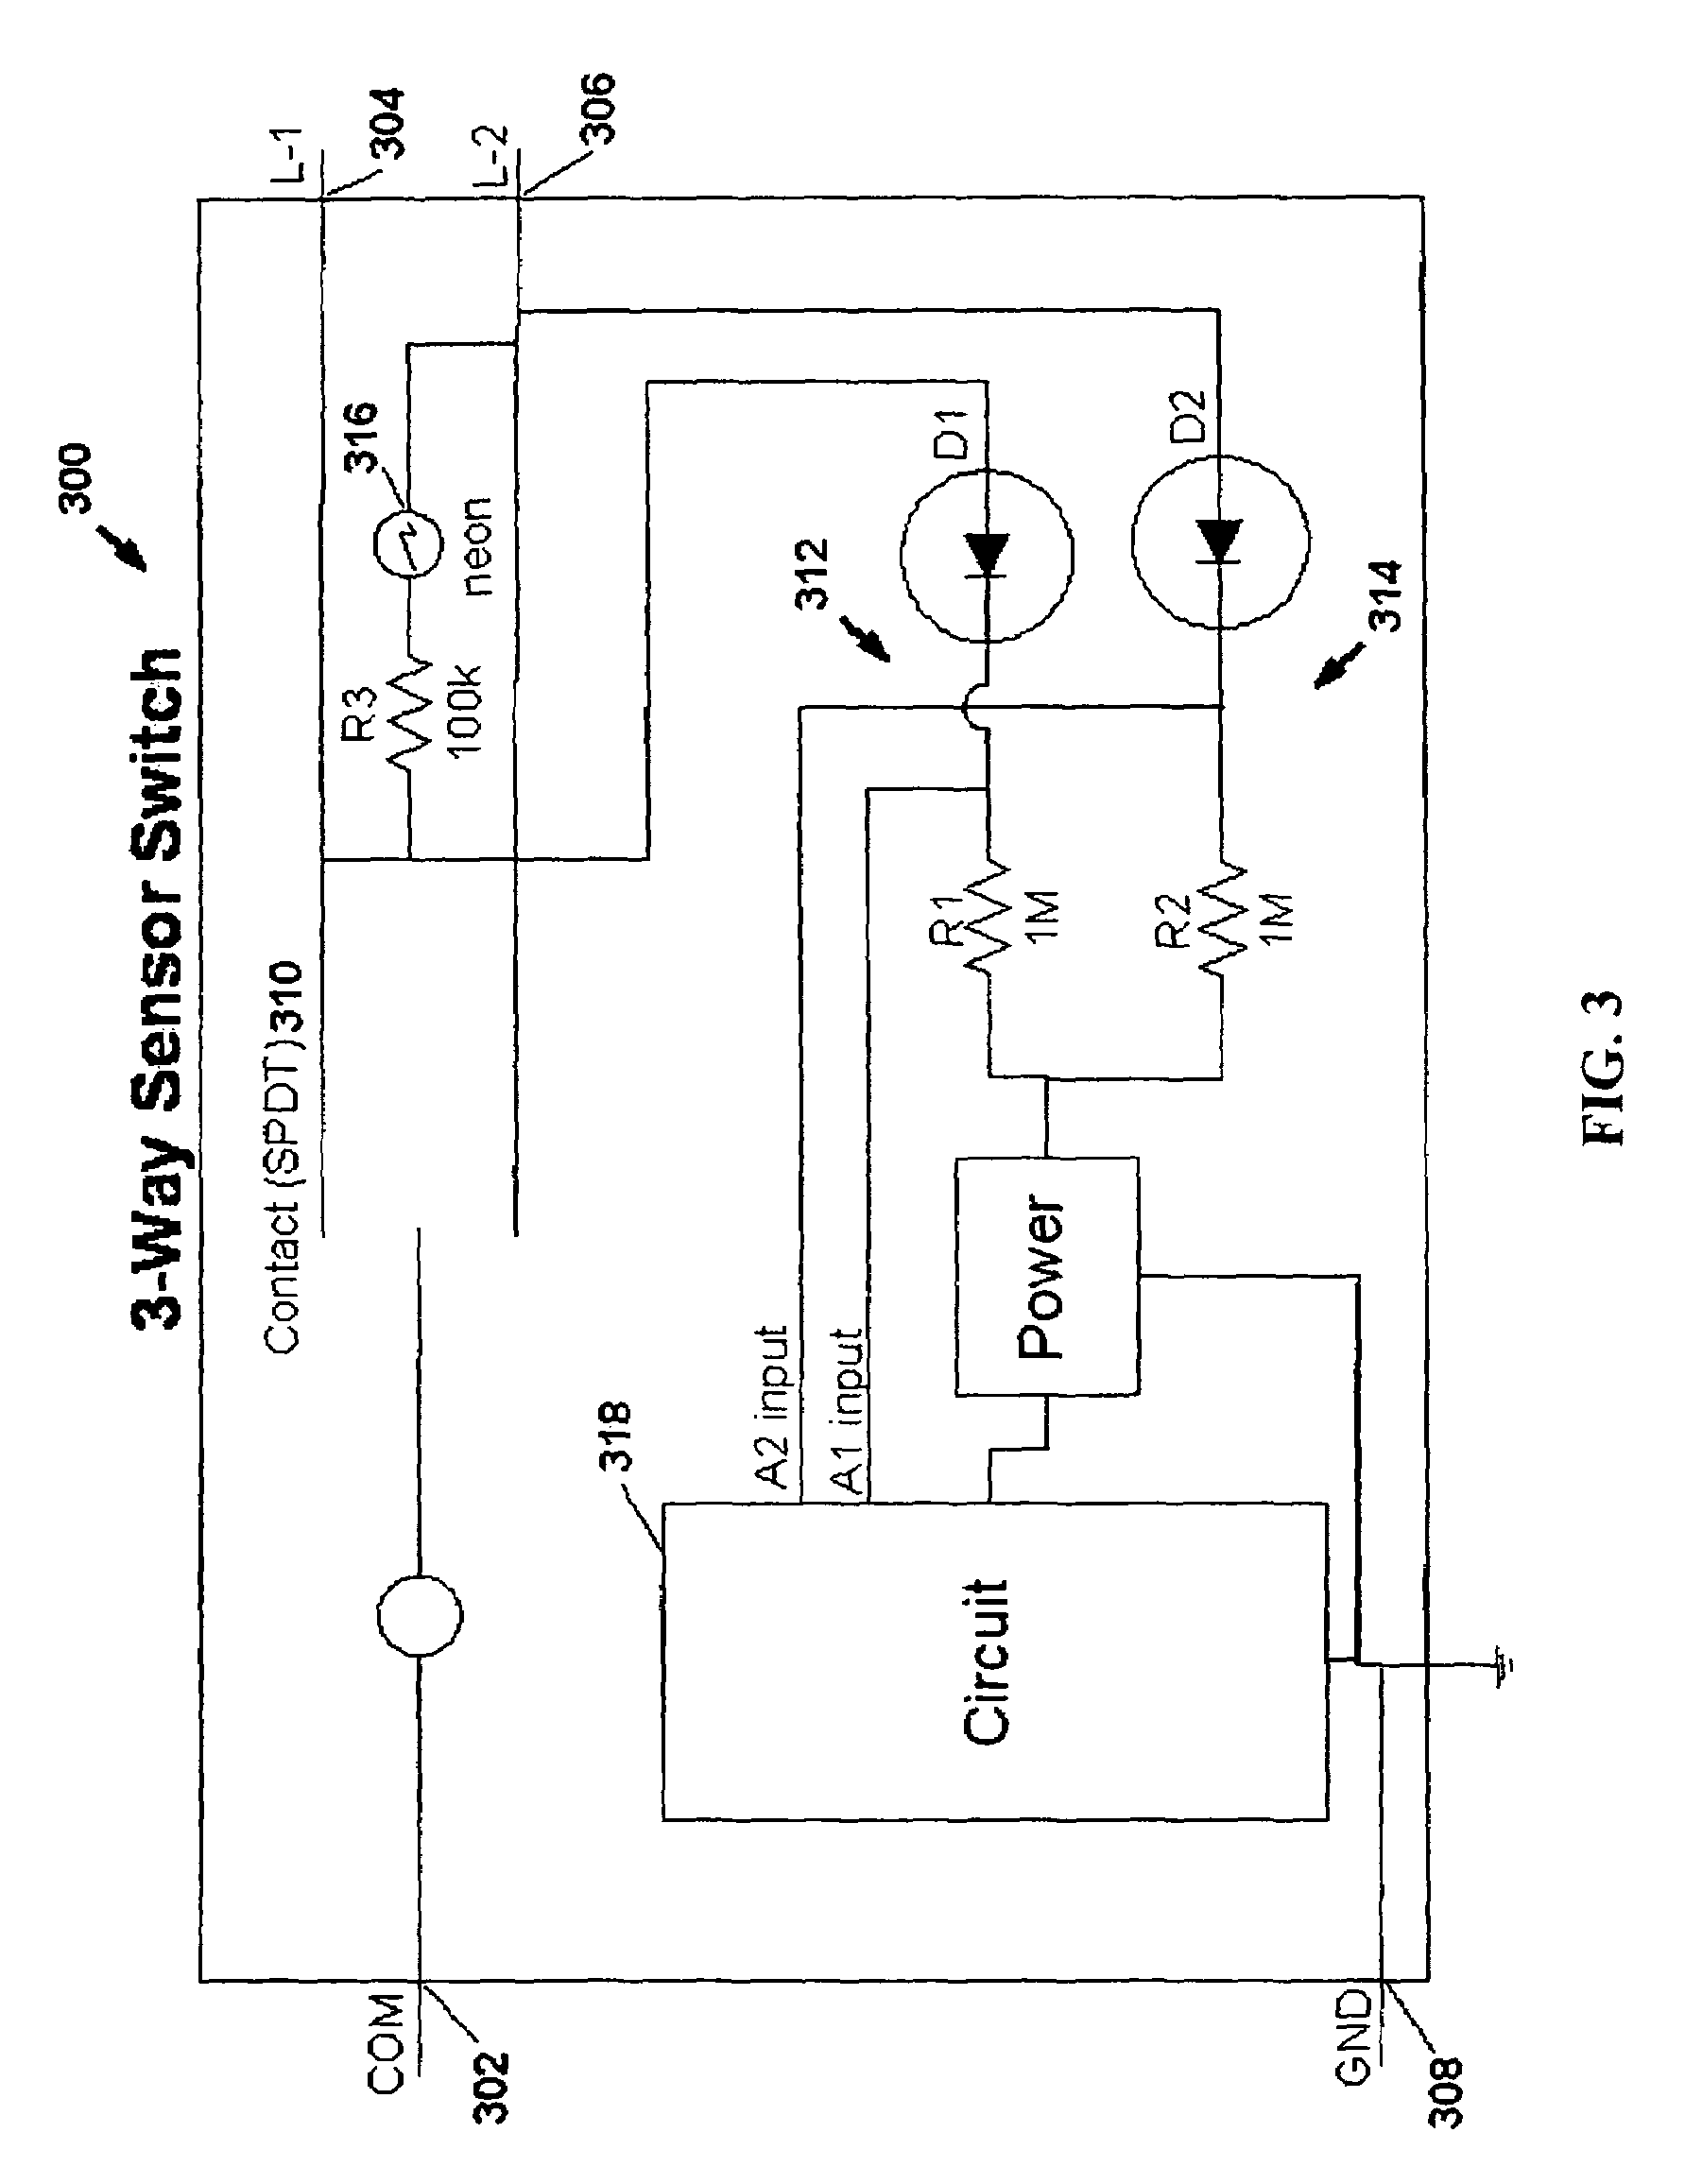 sensor switch wiring diagrams al 8400  leviton motion sensor light switch wiring diagram as well  light switch wiring diagram